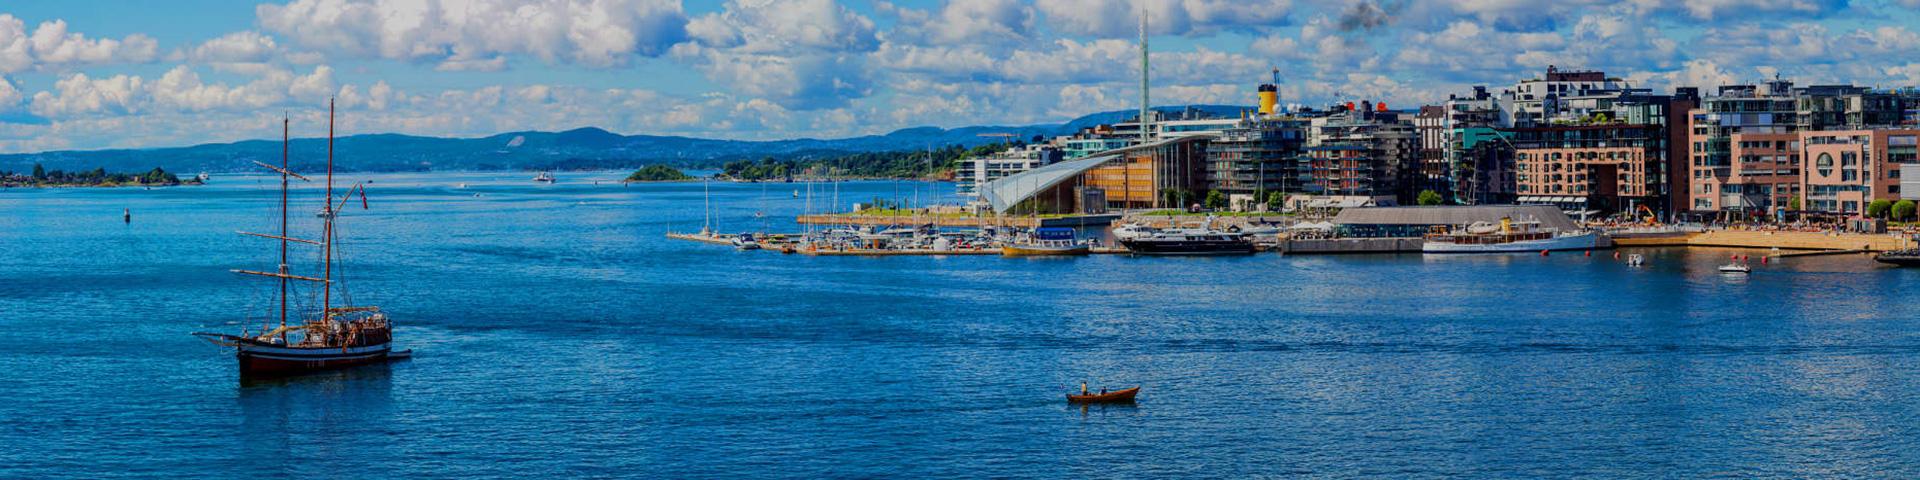 Oslo hero drk